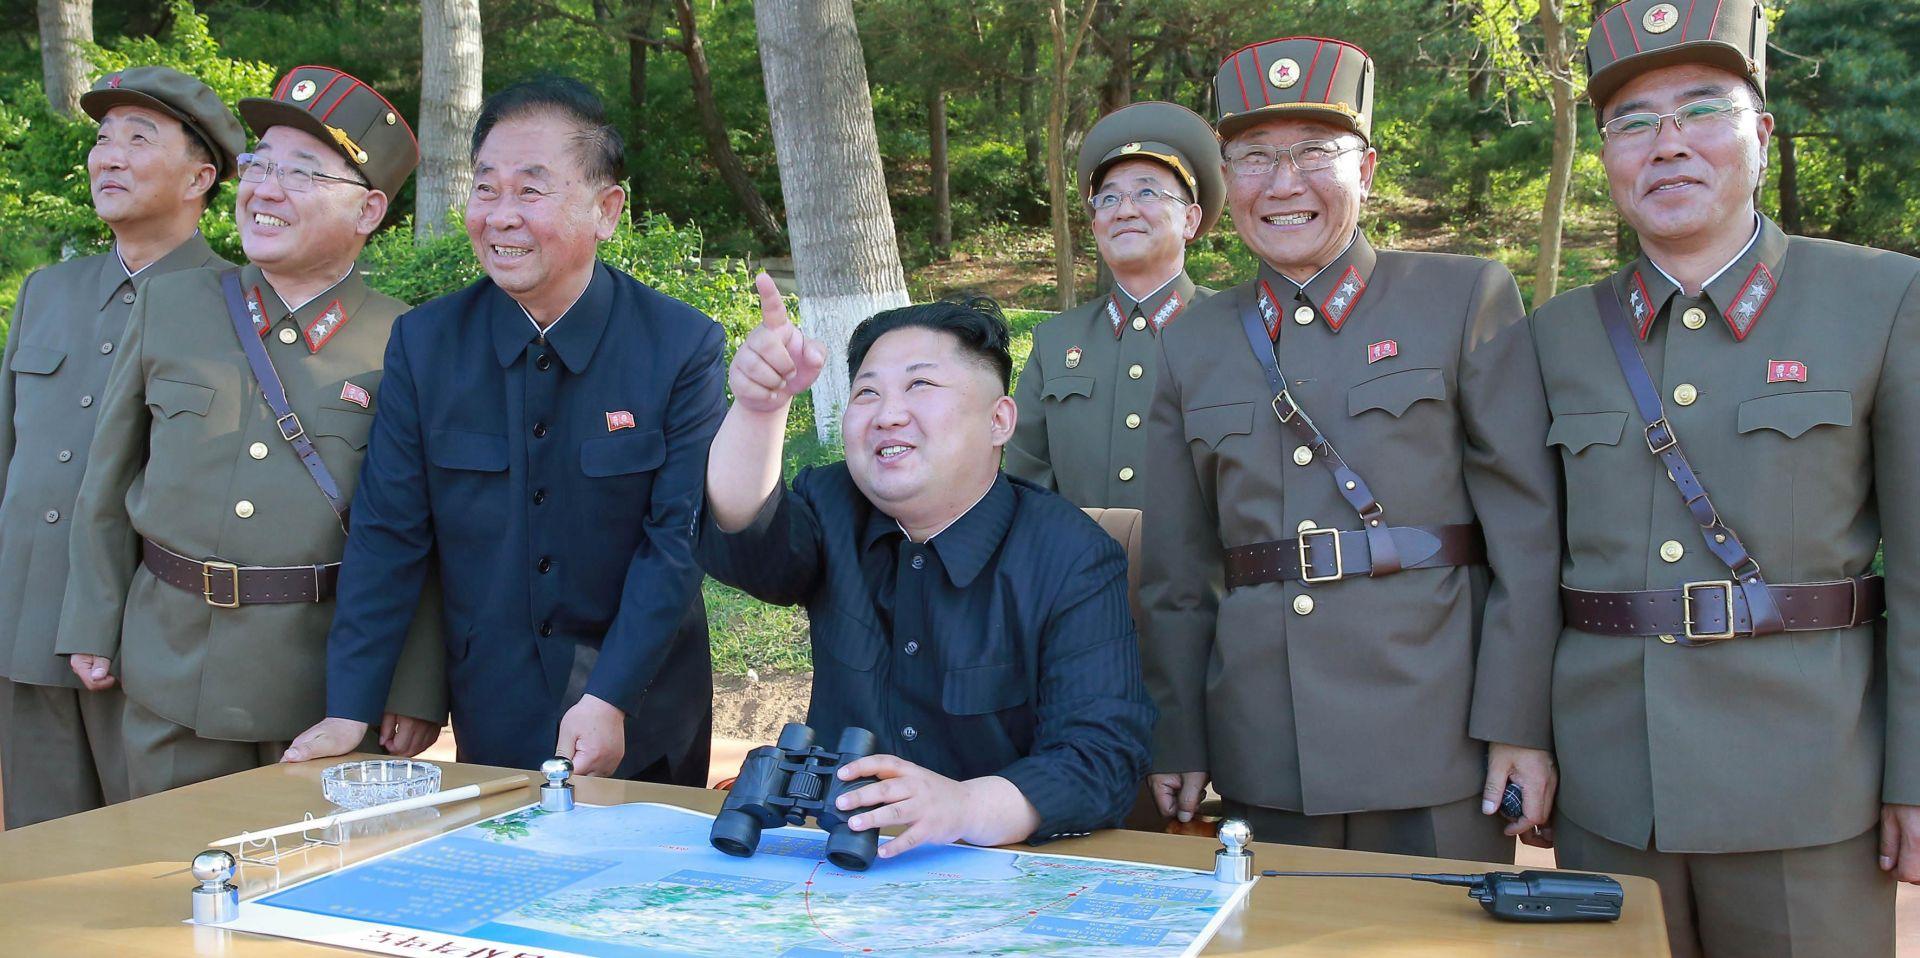 Seul vjeruje da bi Sjeverna Koreja mogla uskoro izvesti šesti nuklearni pokus